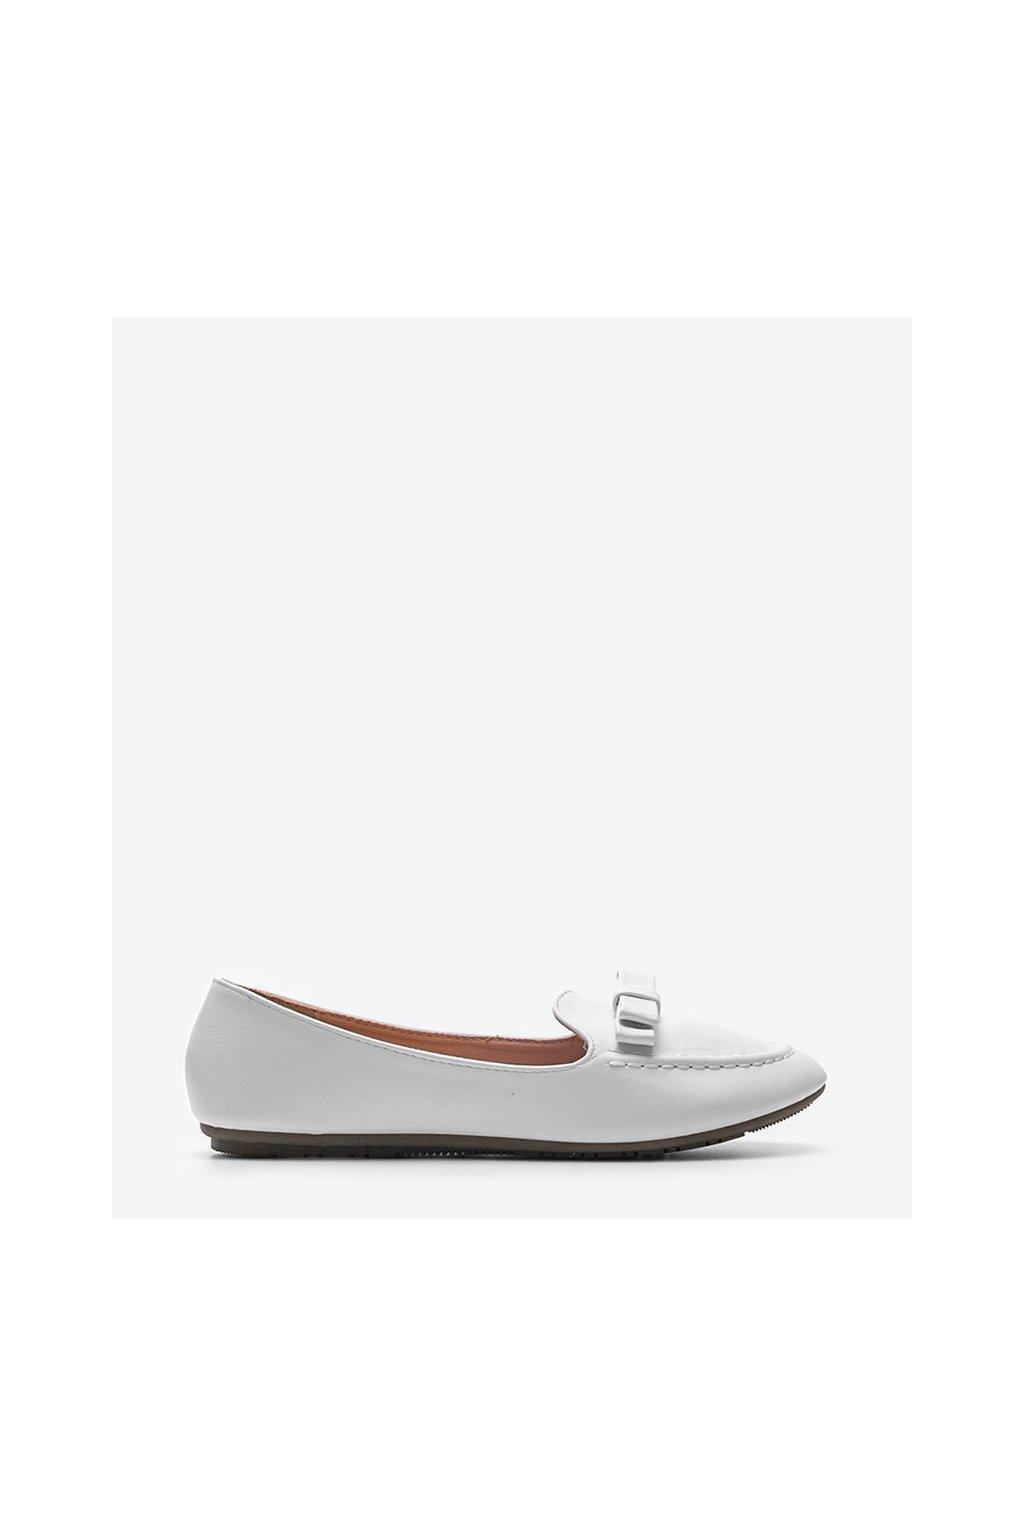 Dámske topánky mokasíny biele kód A8637 - GM